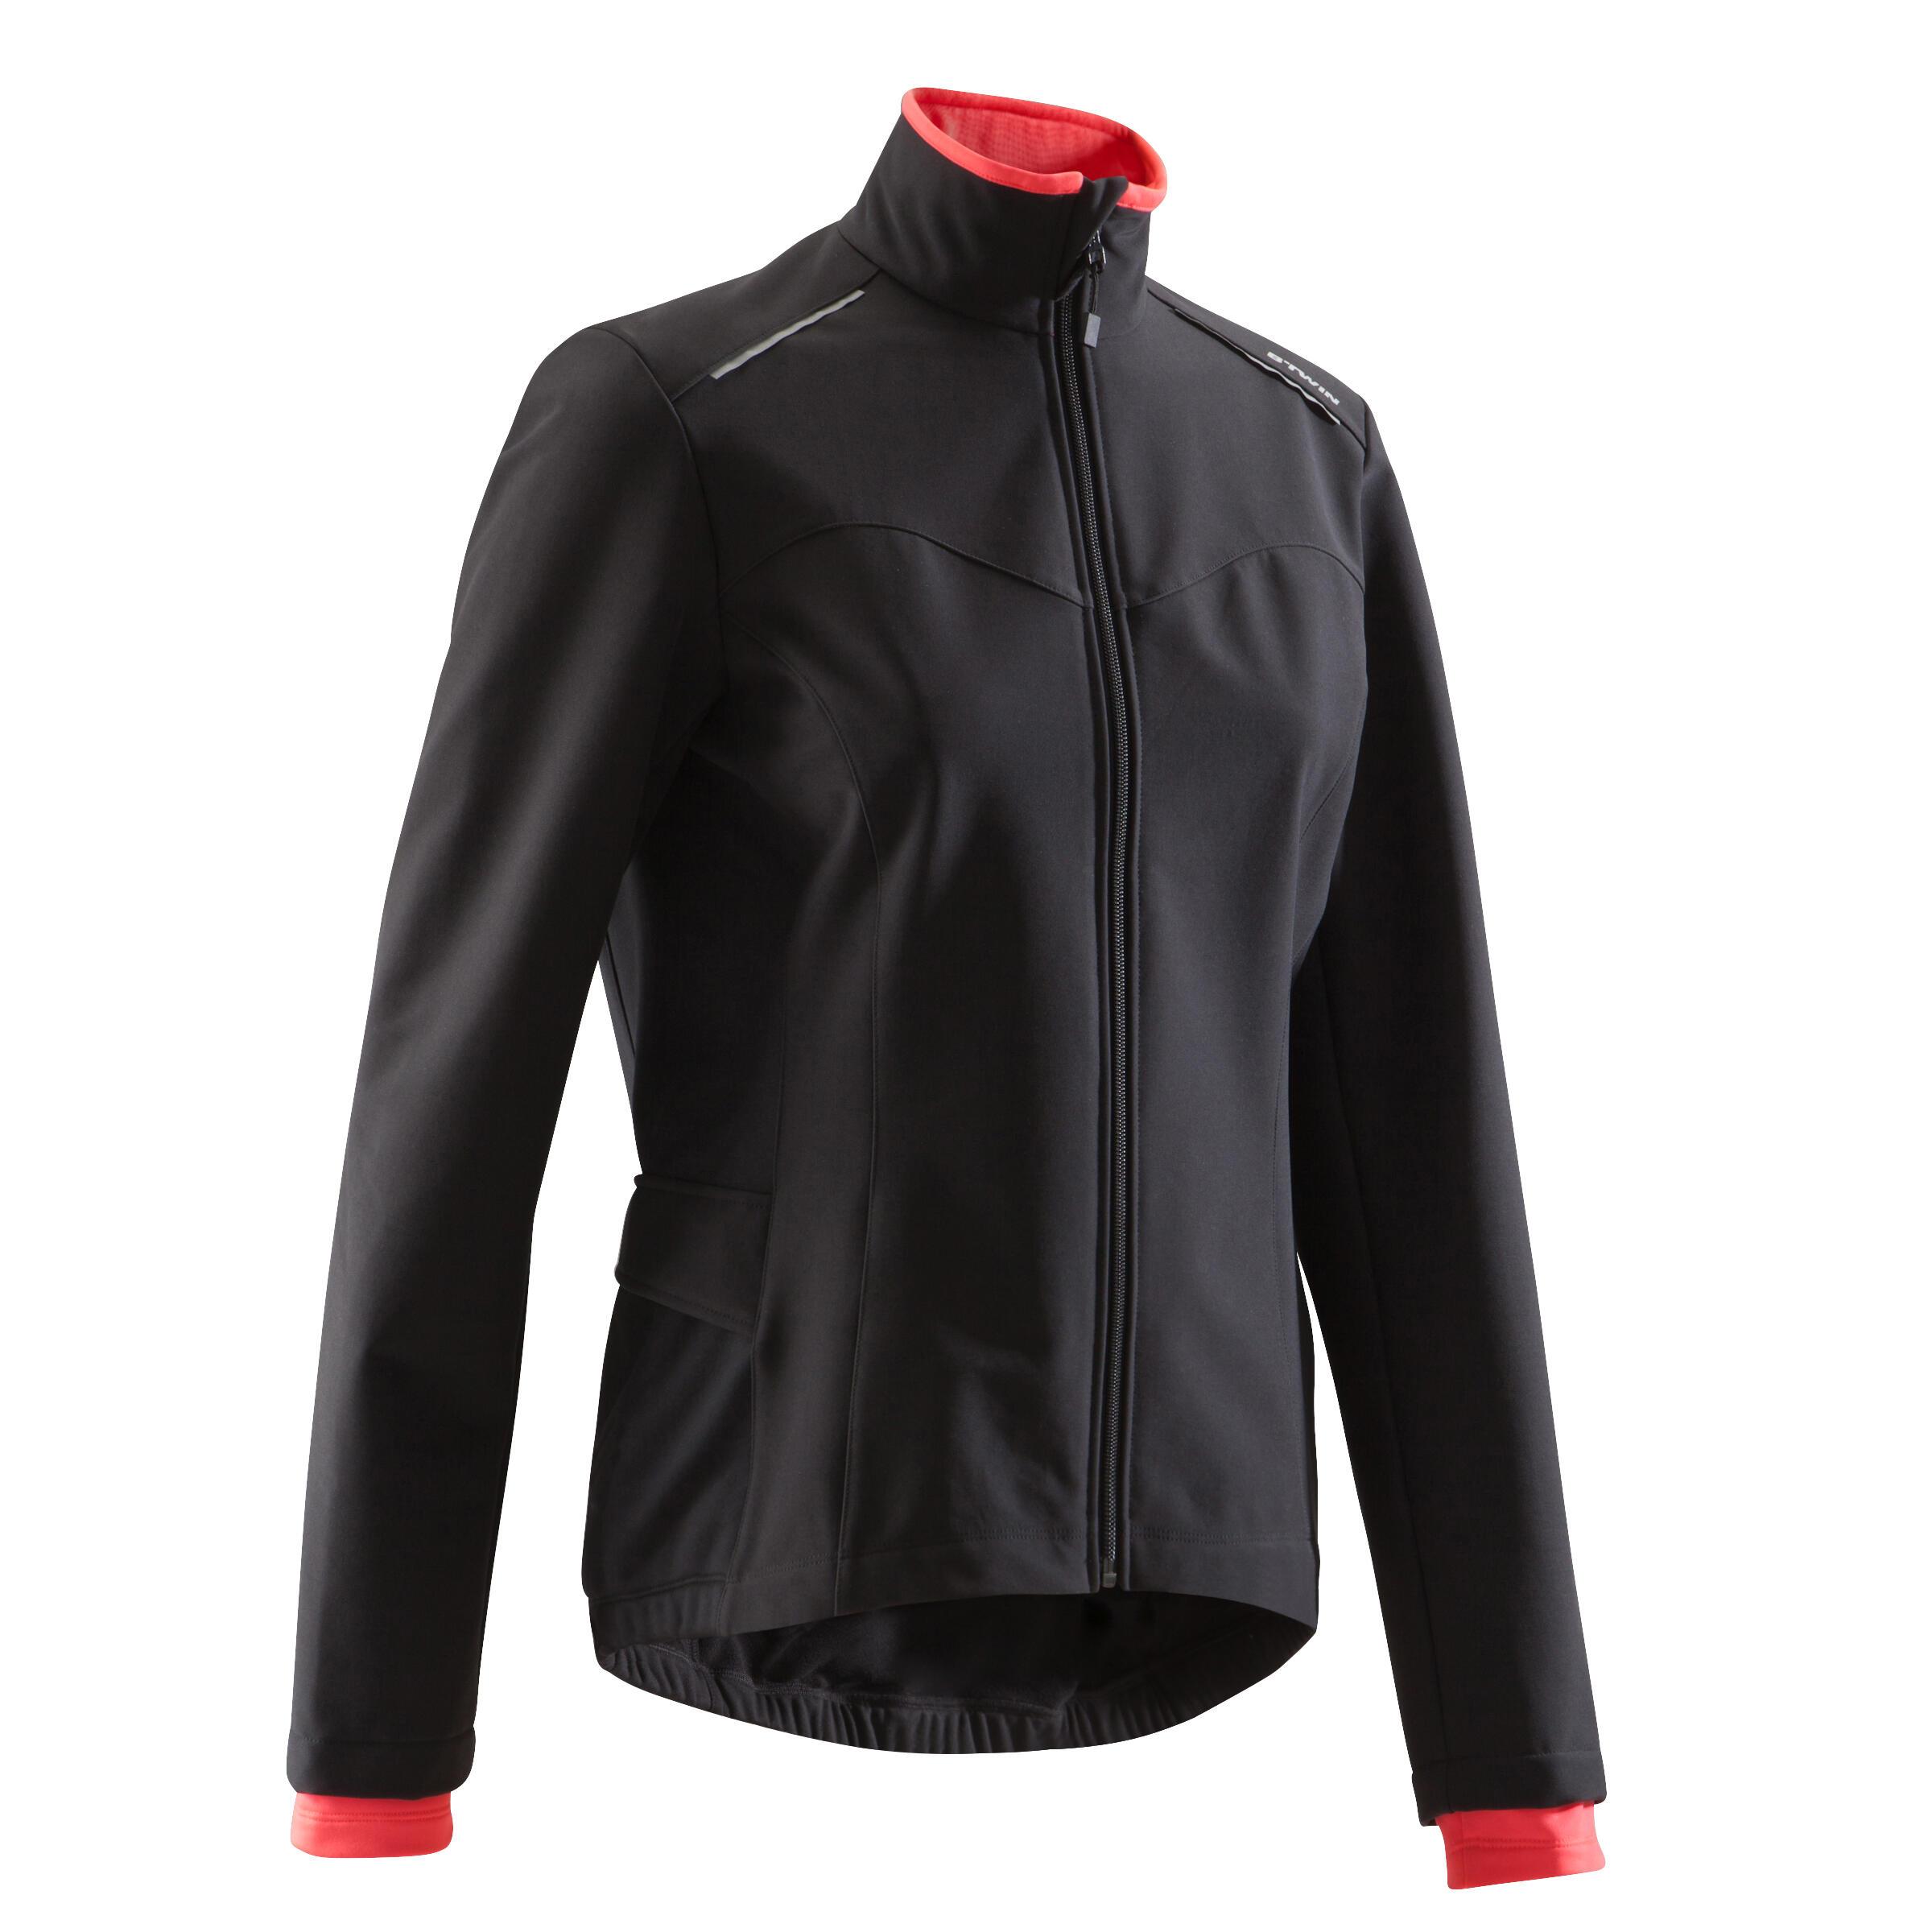 Fahrradjacke 100 Damen | Sportbekleidung > Sportjacken > Fahrradjacken | B´twin